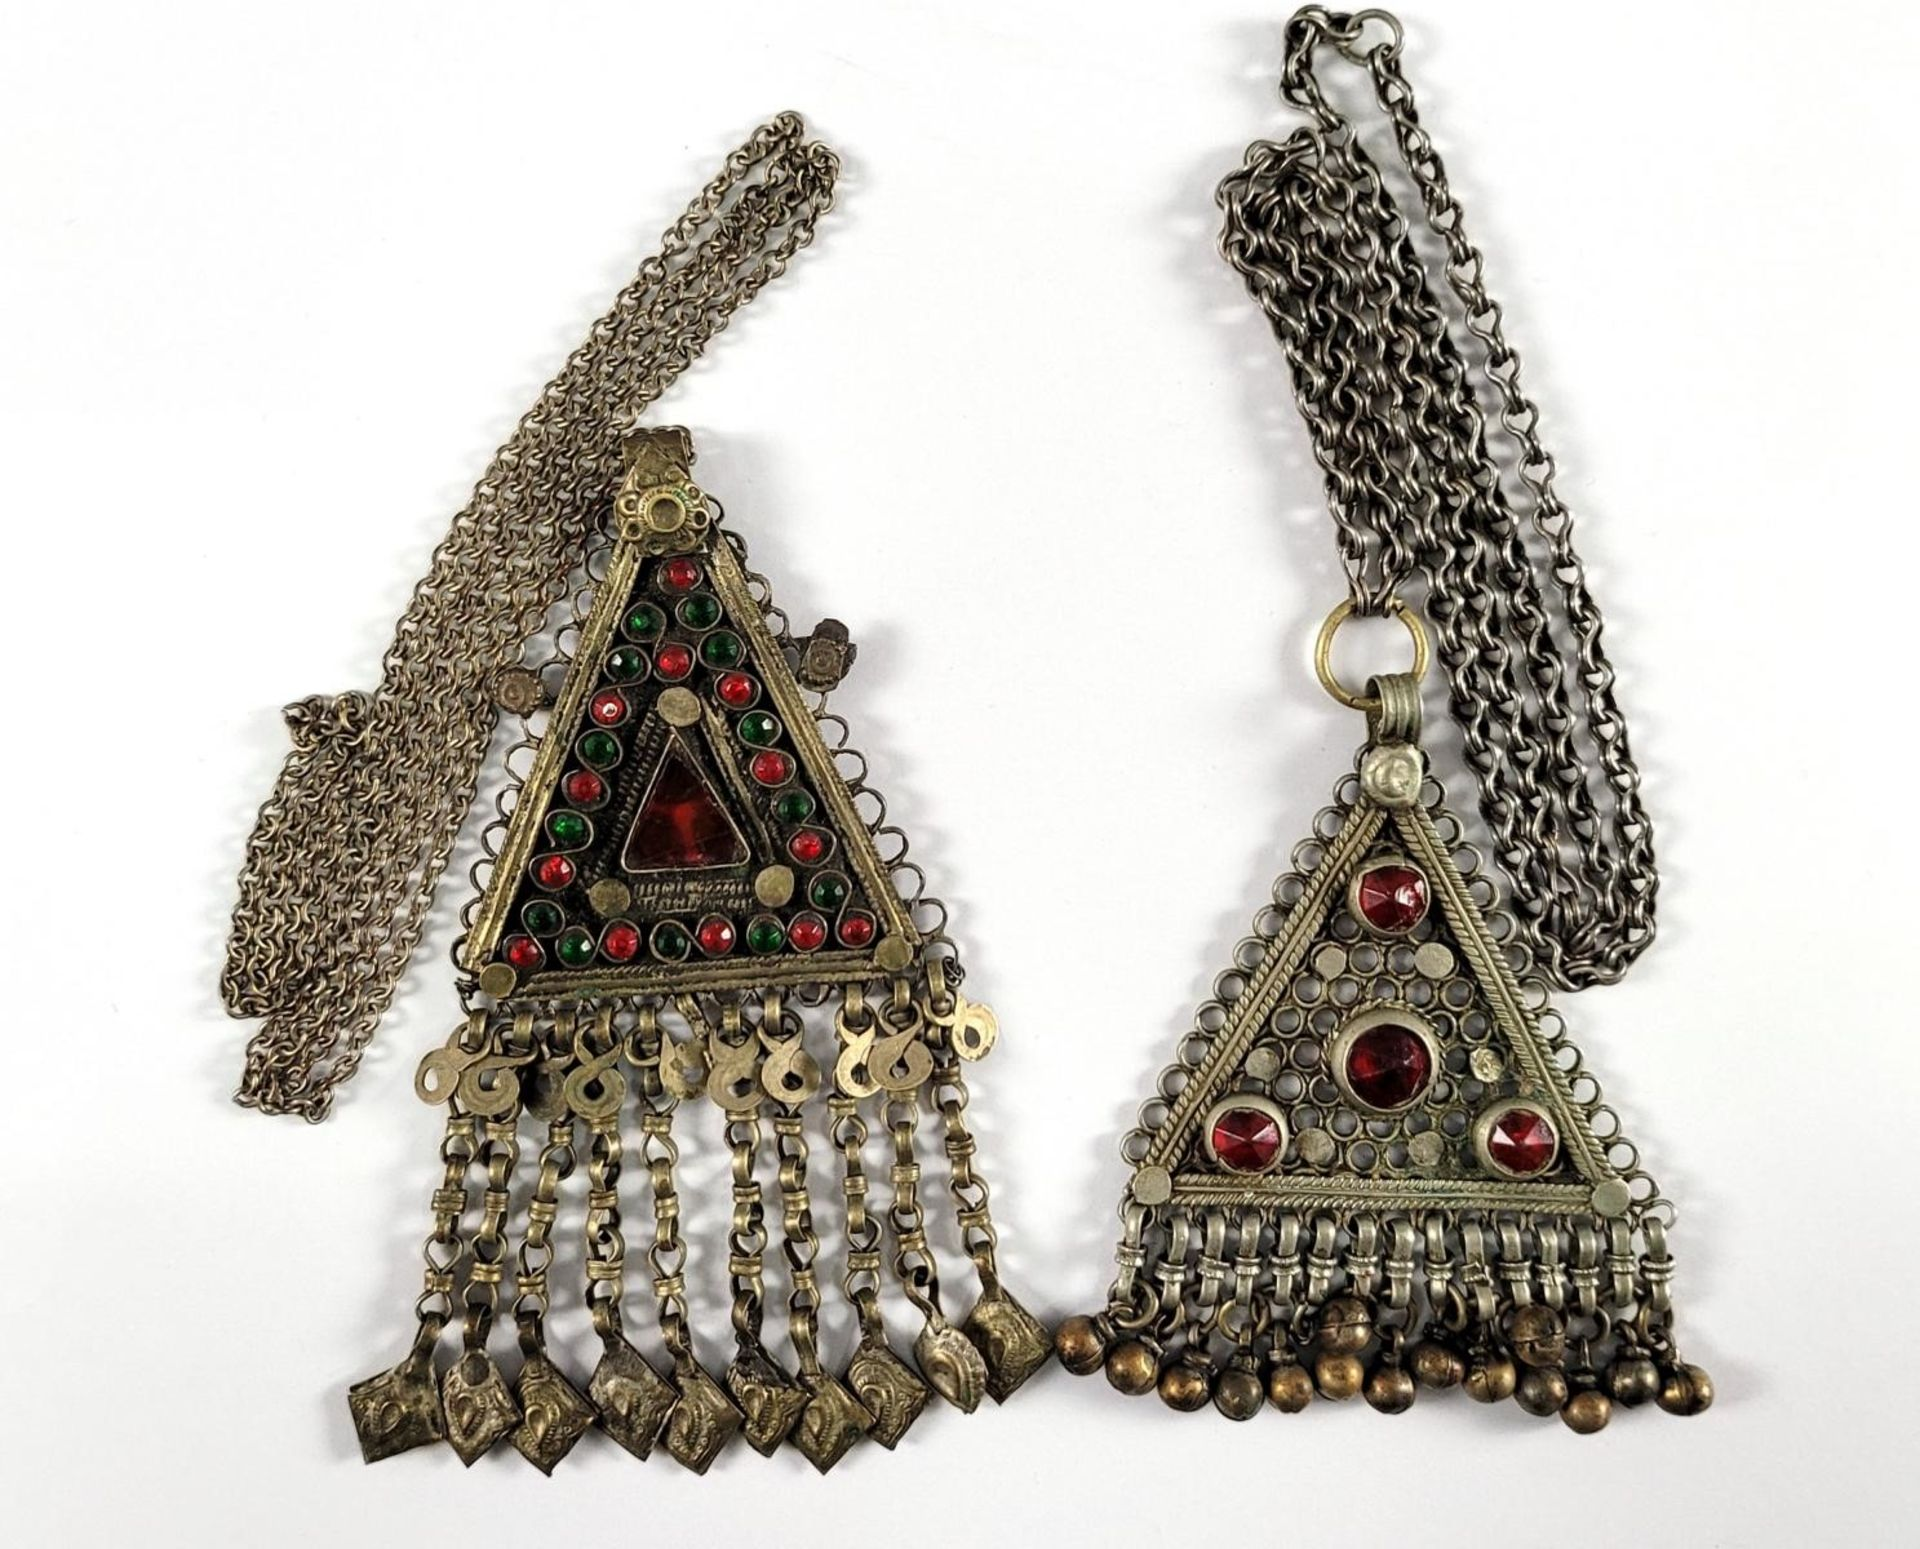 2 orientalische Halsketten, 19./20. Jahrhundert